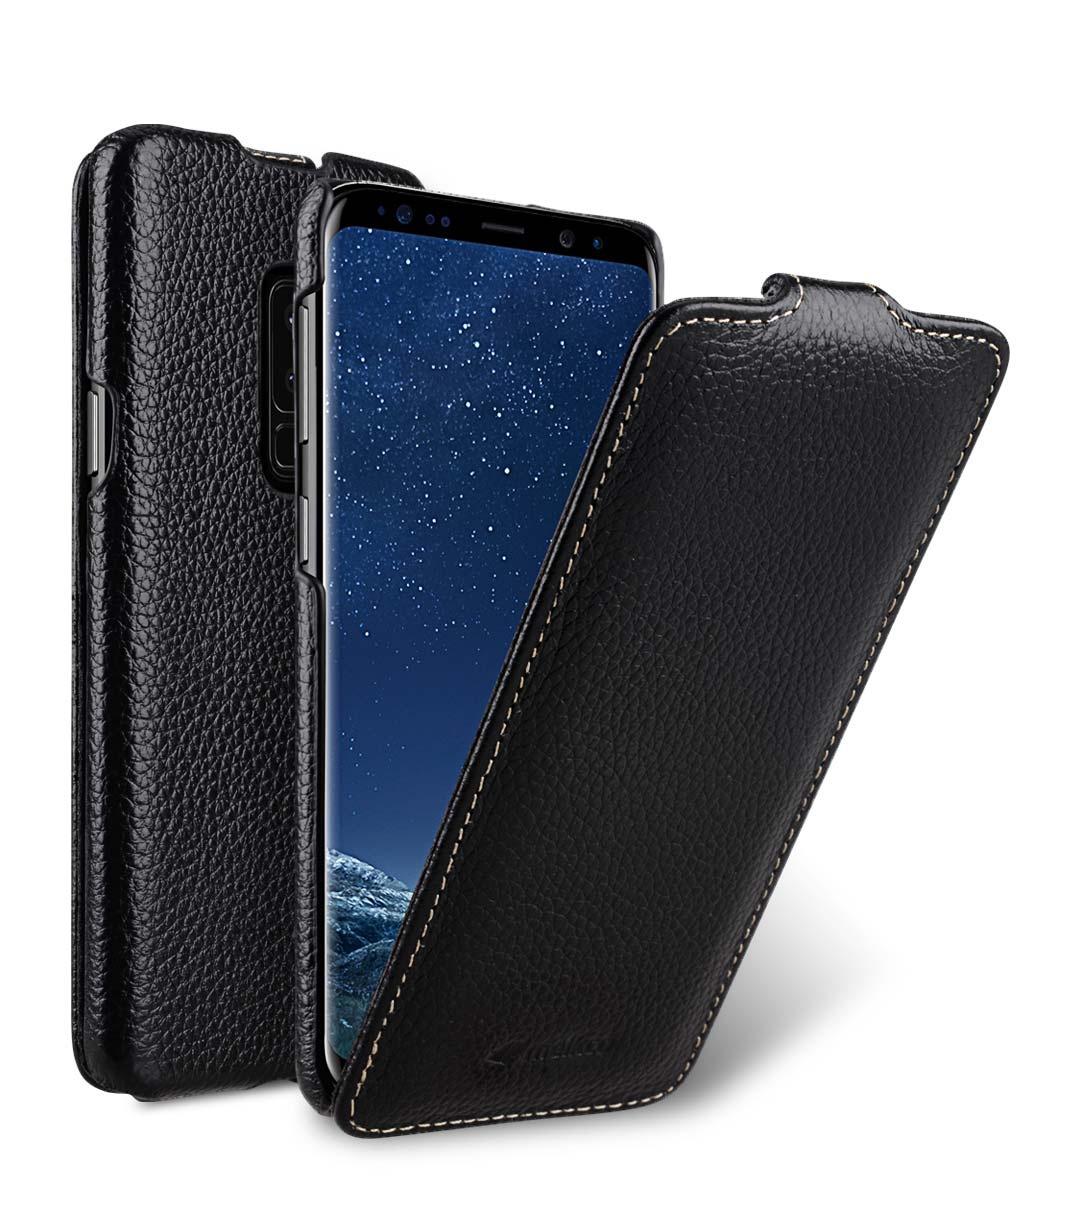 Чехол для сотового телефона Melkco Кожаный чехол флип для Samsung Galaxy S9+ - Jacka Type, черный